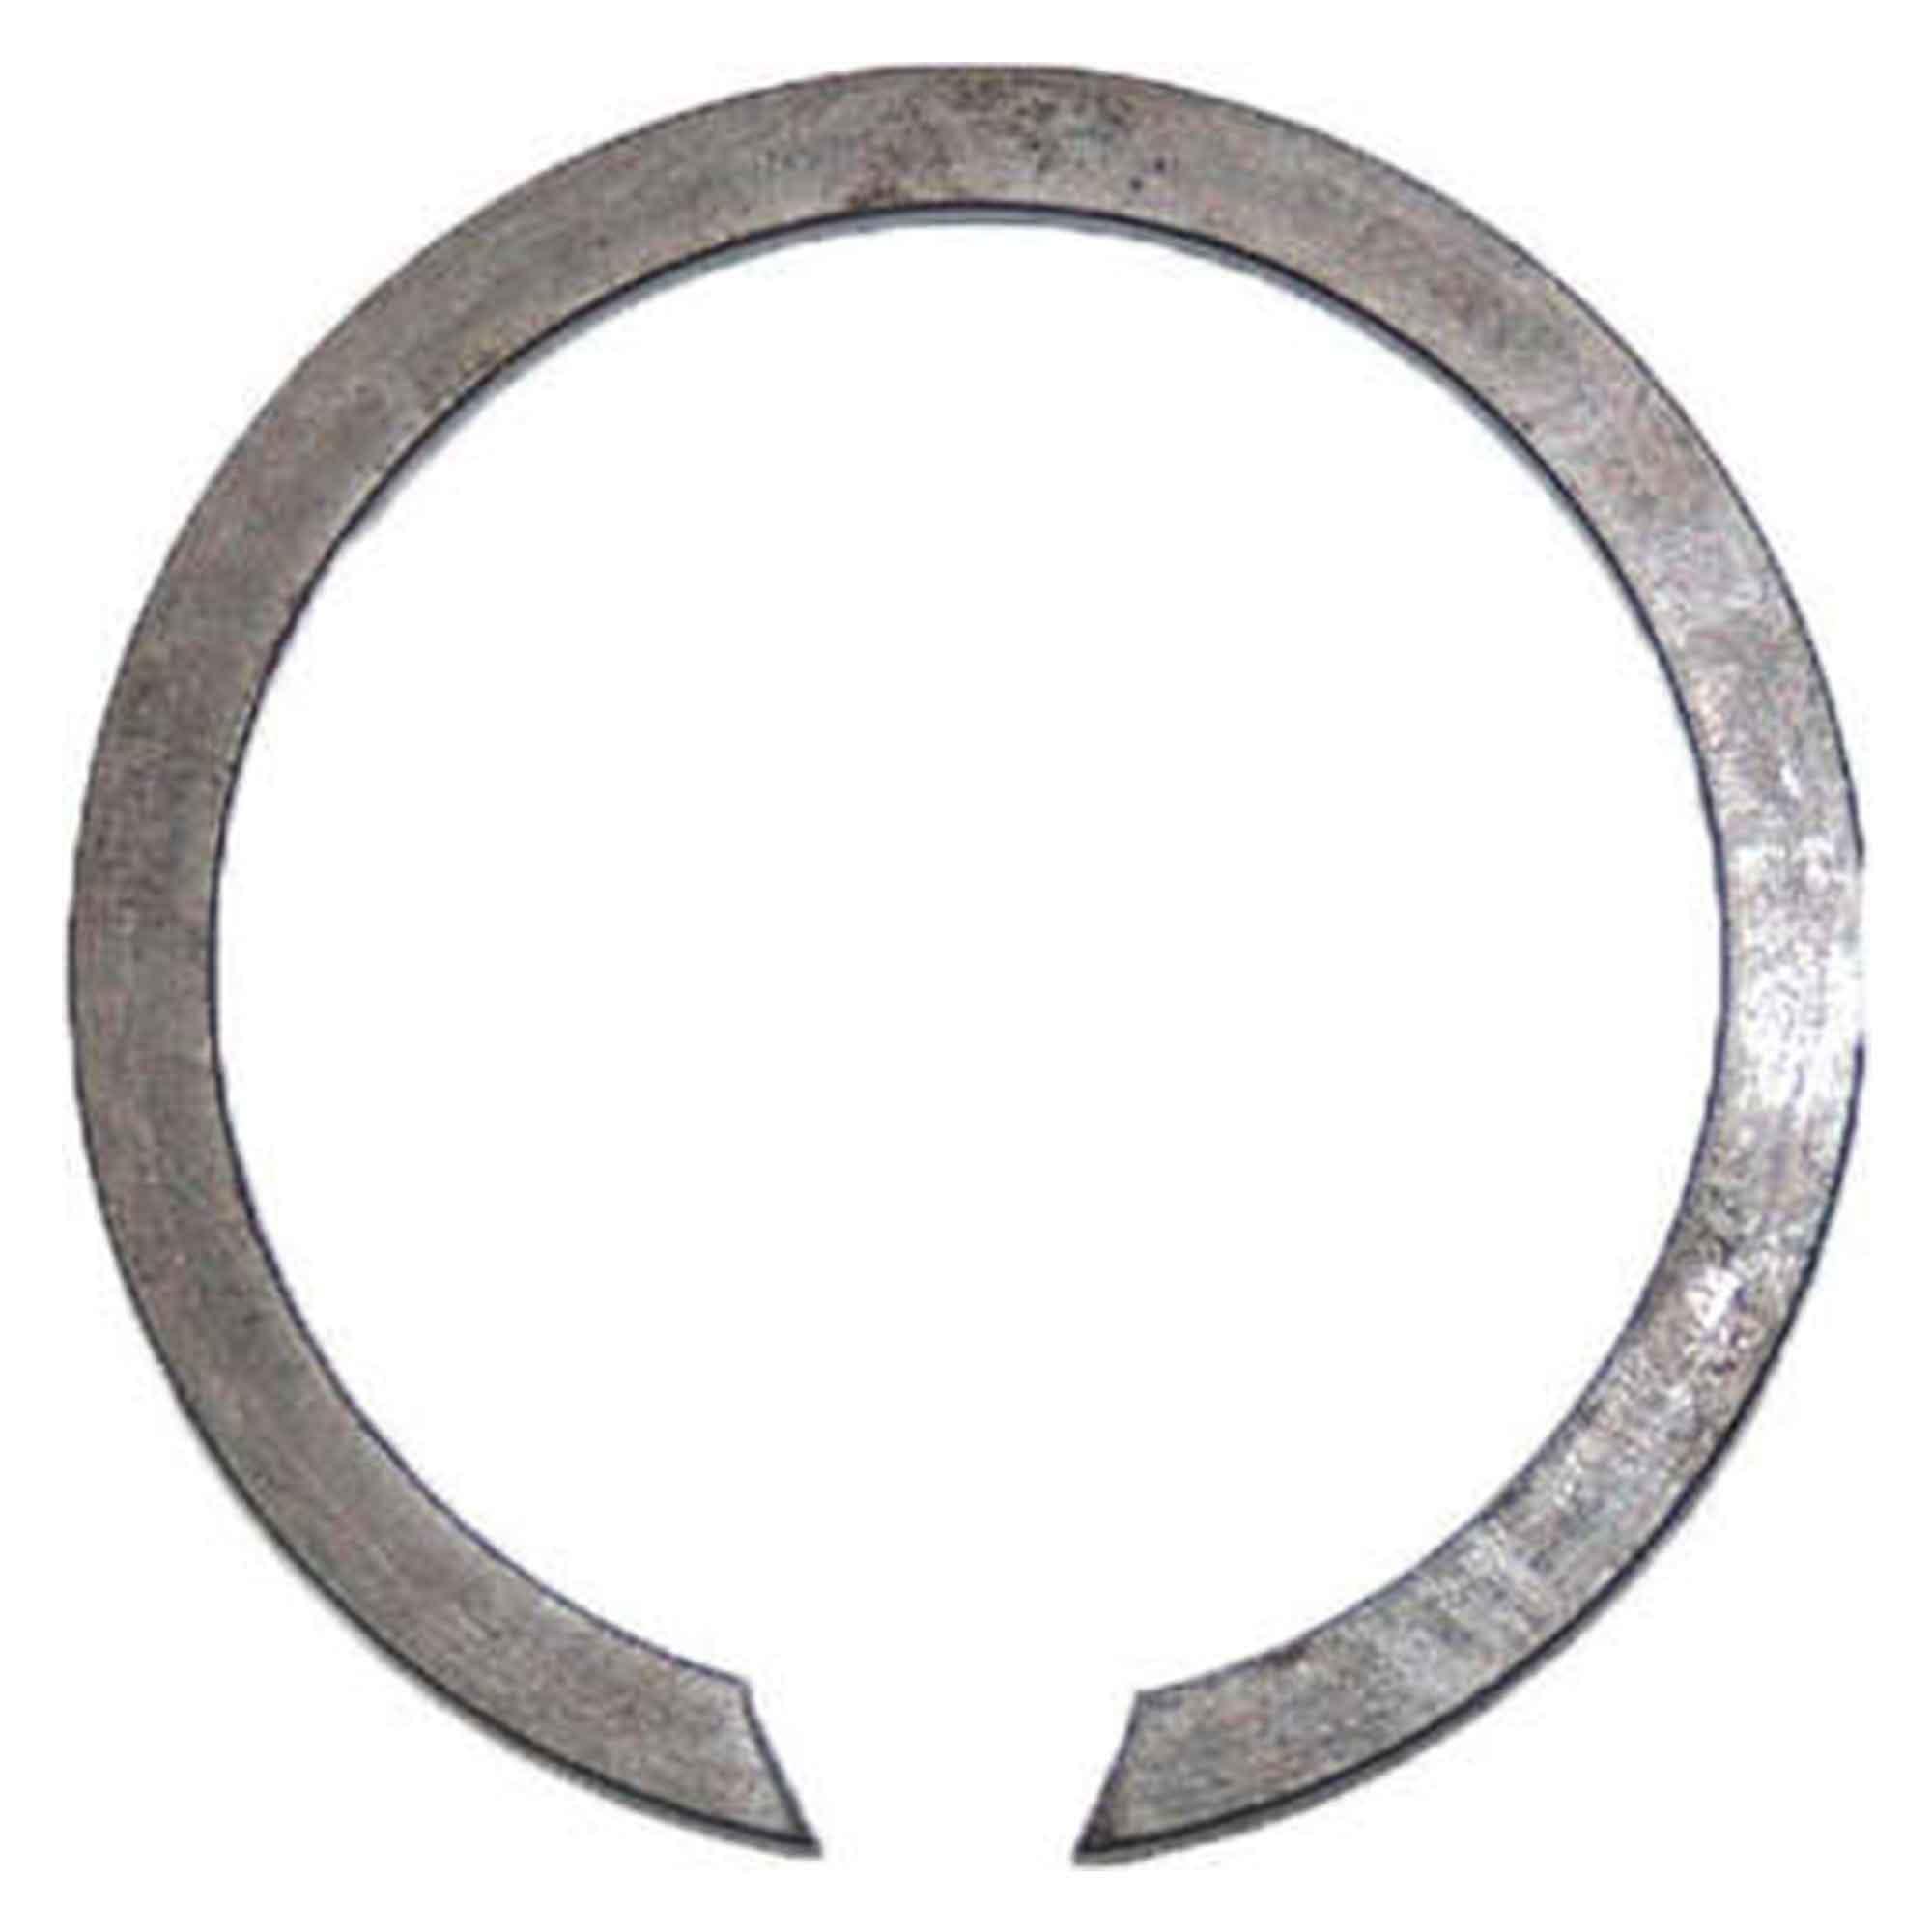 SUK392 - Anel retentor de aço